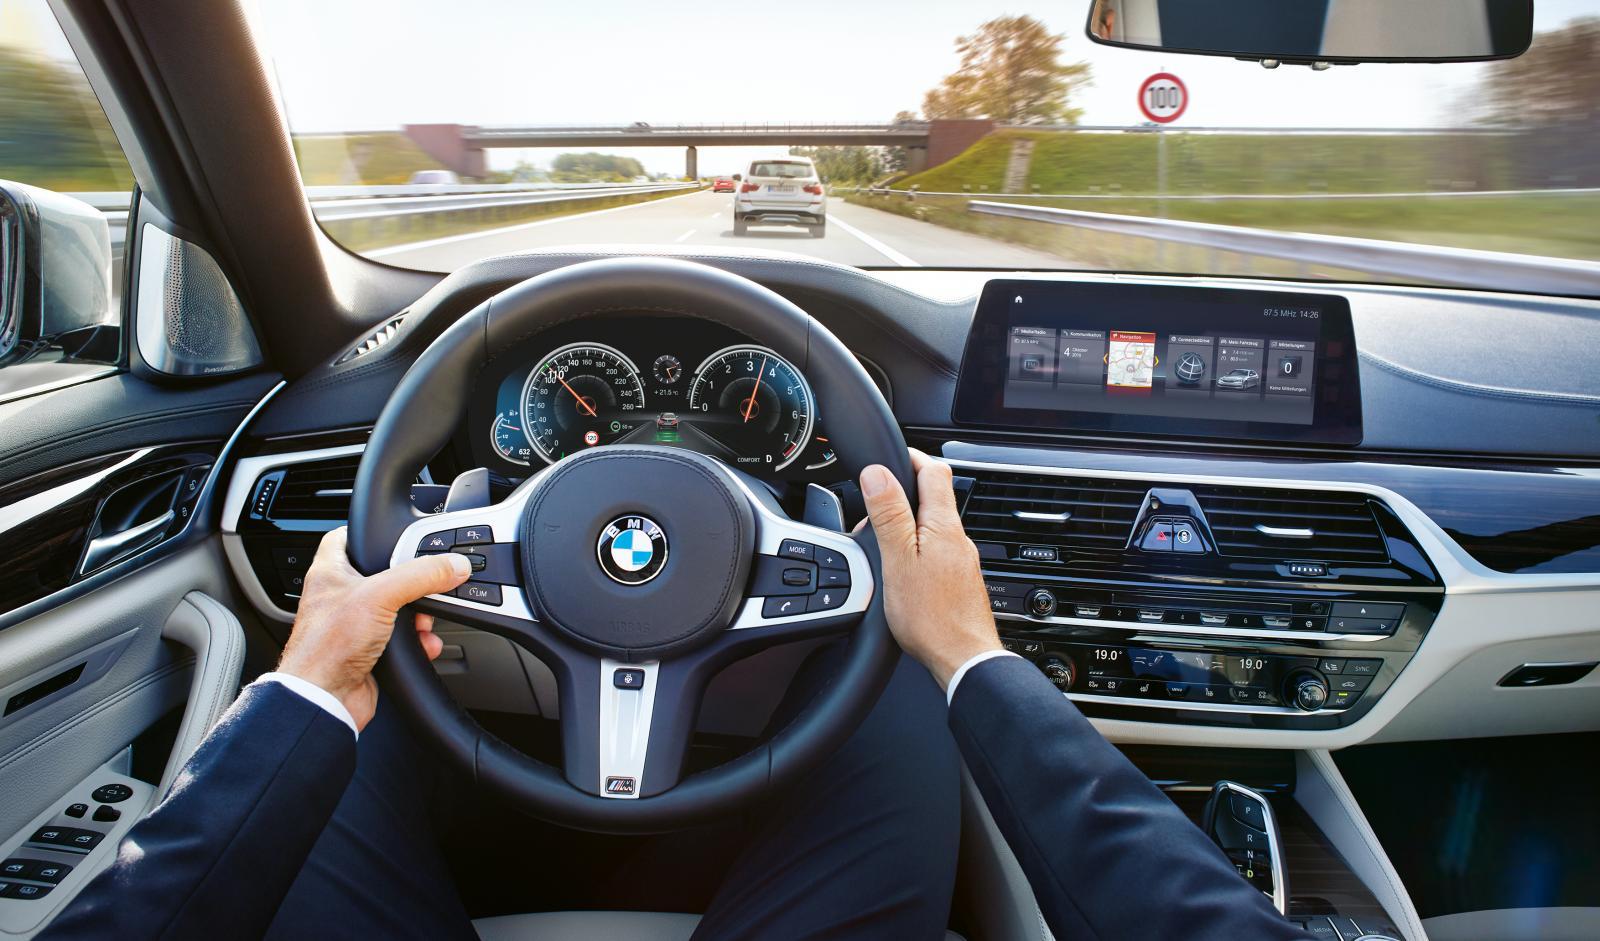 BMW lyckas halvbra i testet. Förarna klagar på att systemet går att aktivera även på vägar det inte kan hantera.